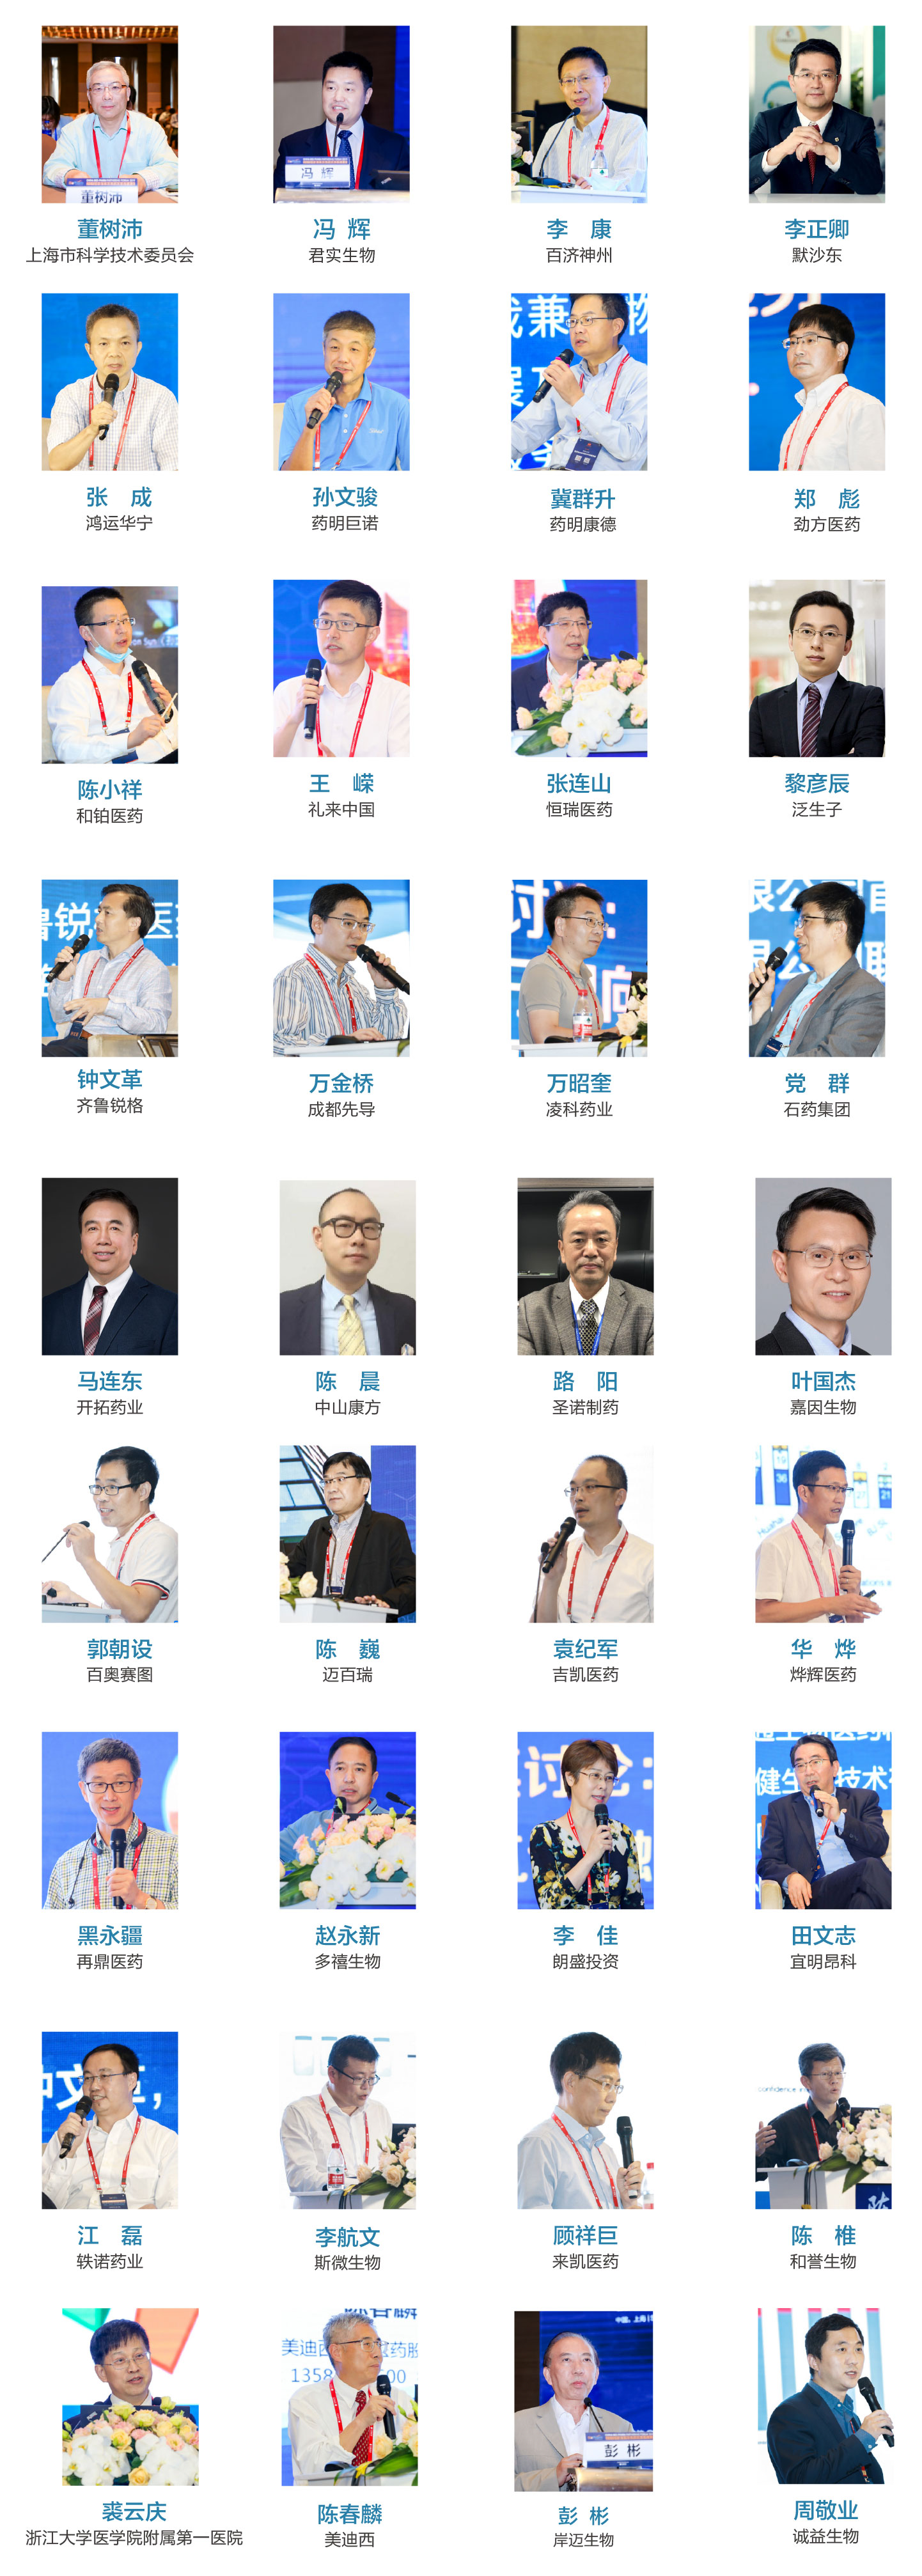 2021第四届中国生物医药创新合作大会